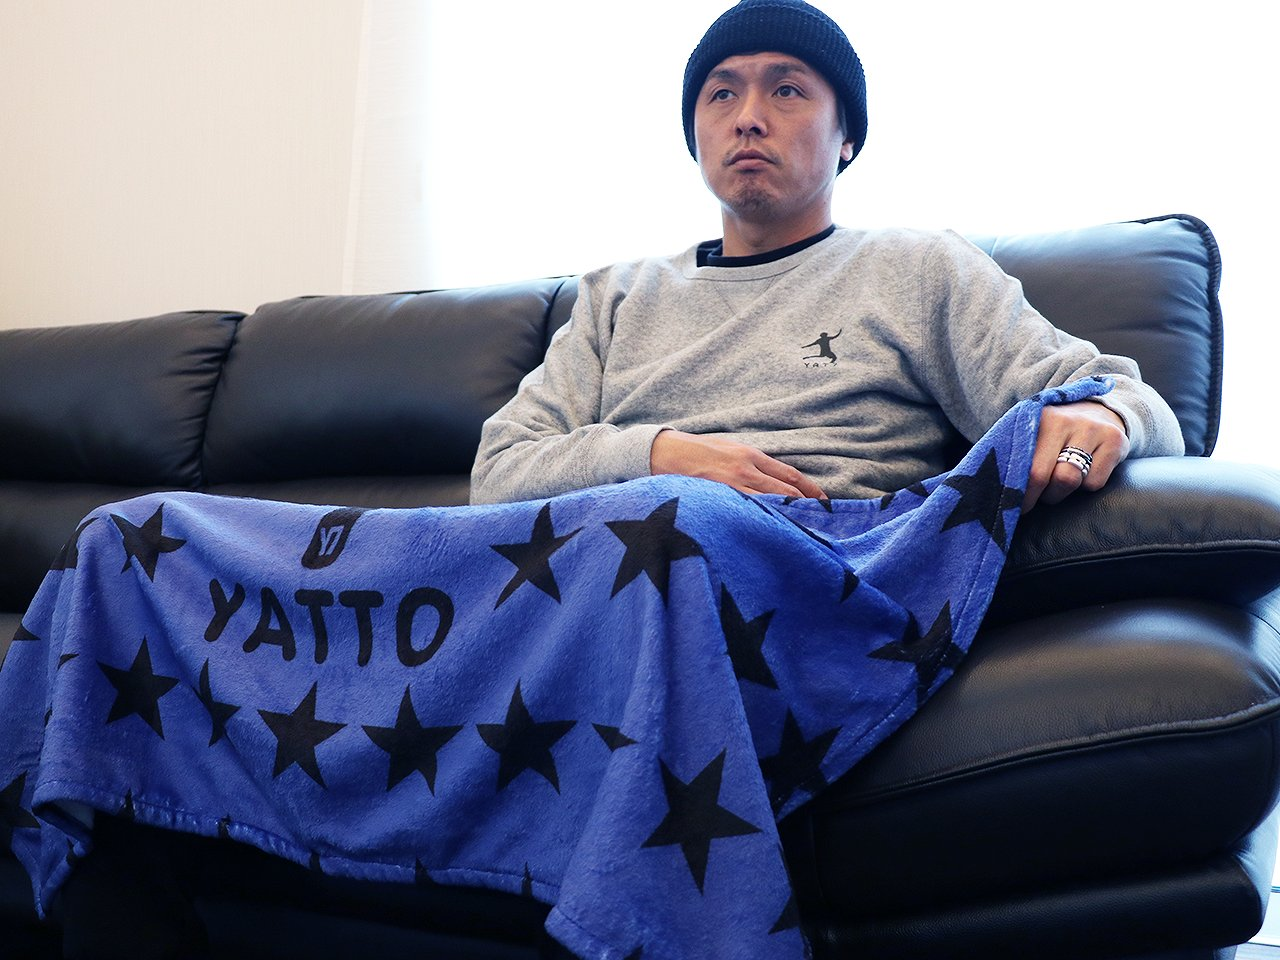 Yatto7ブランケット